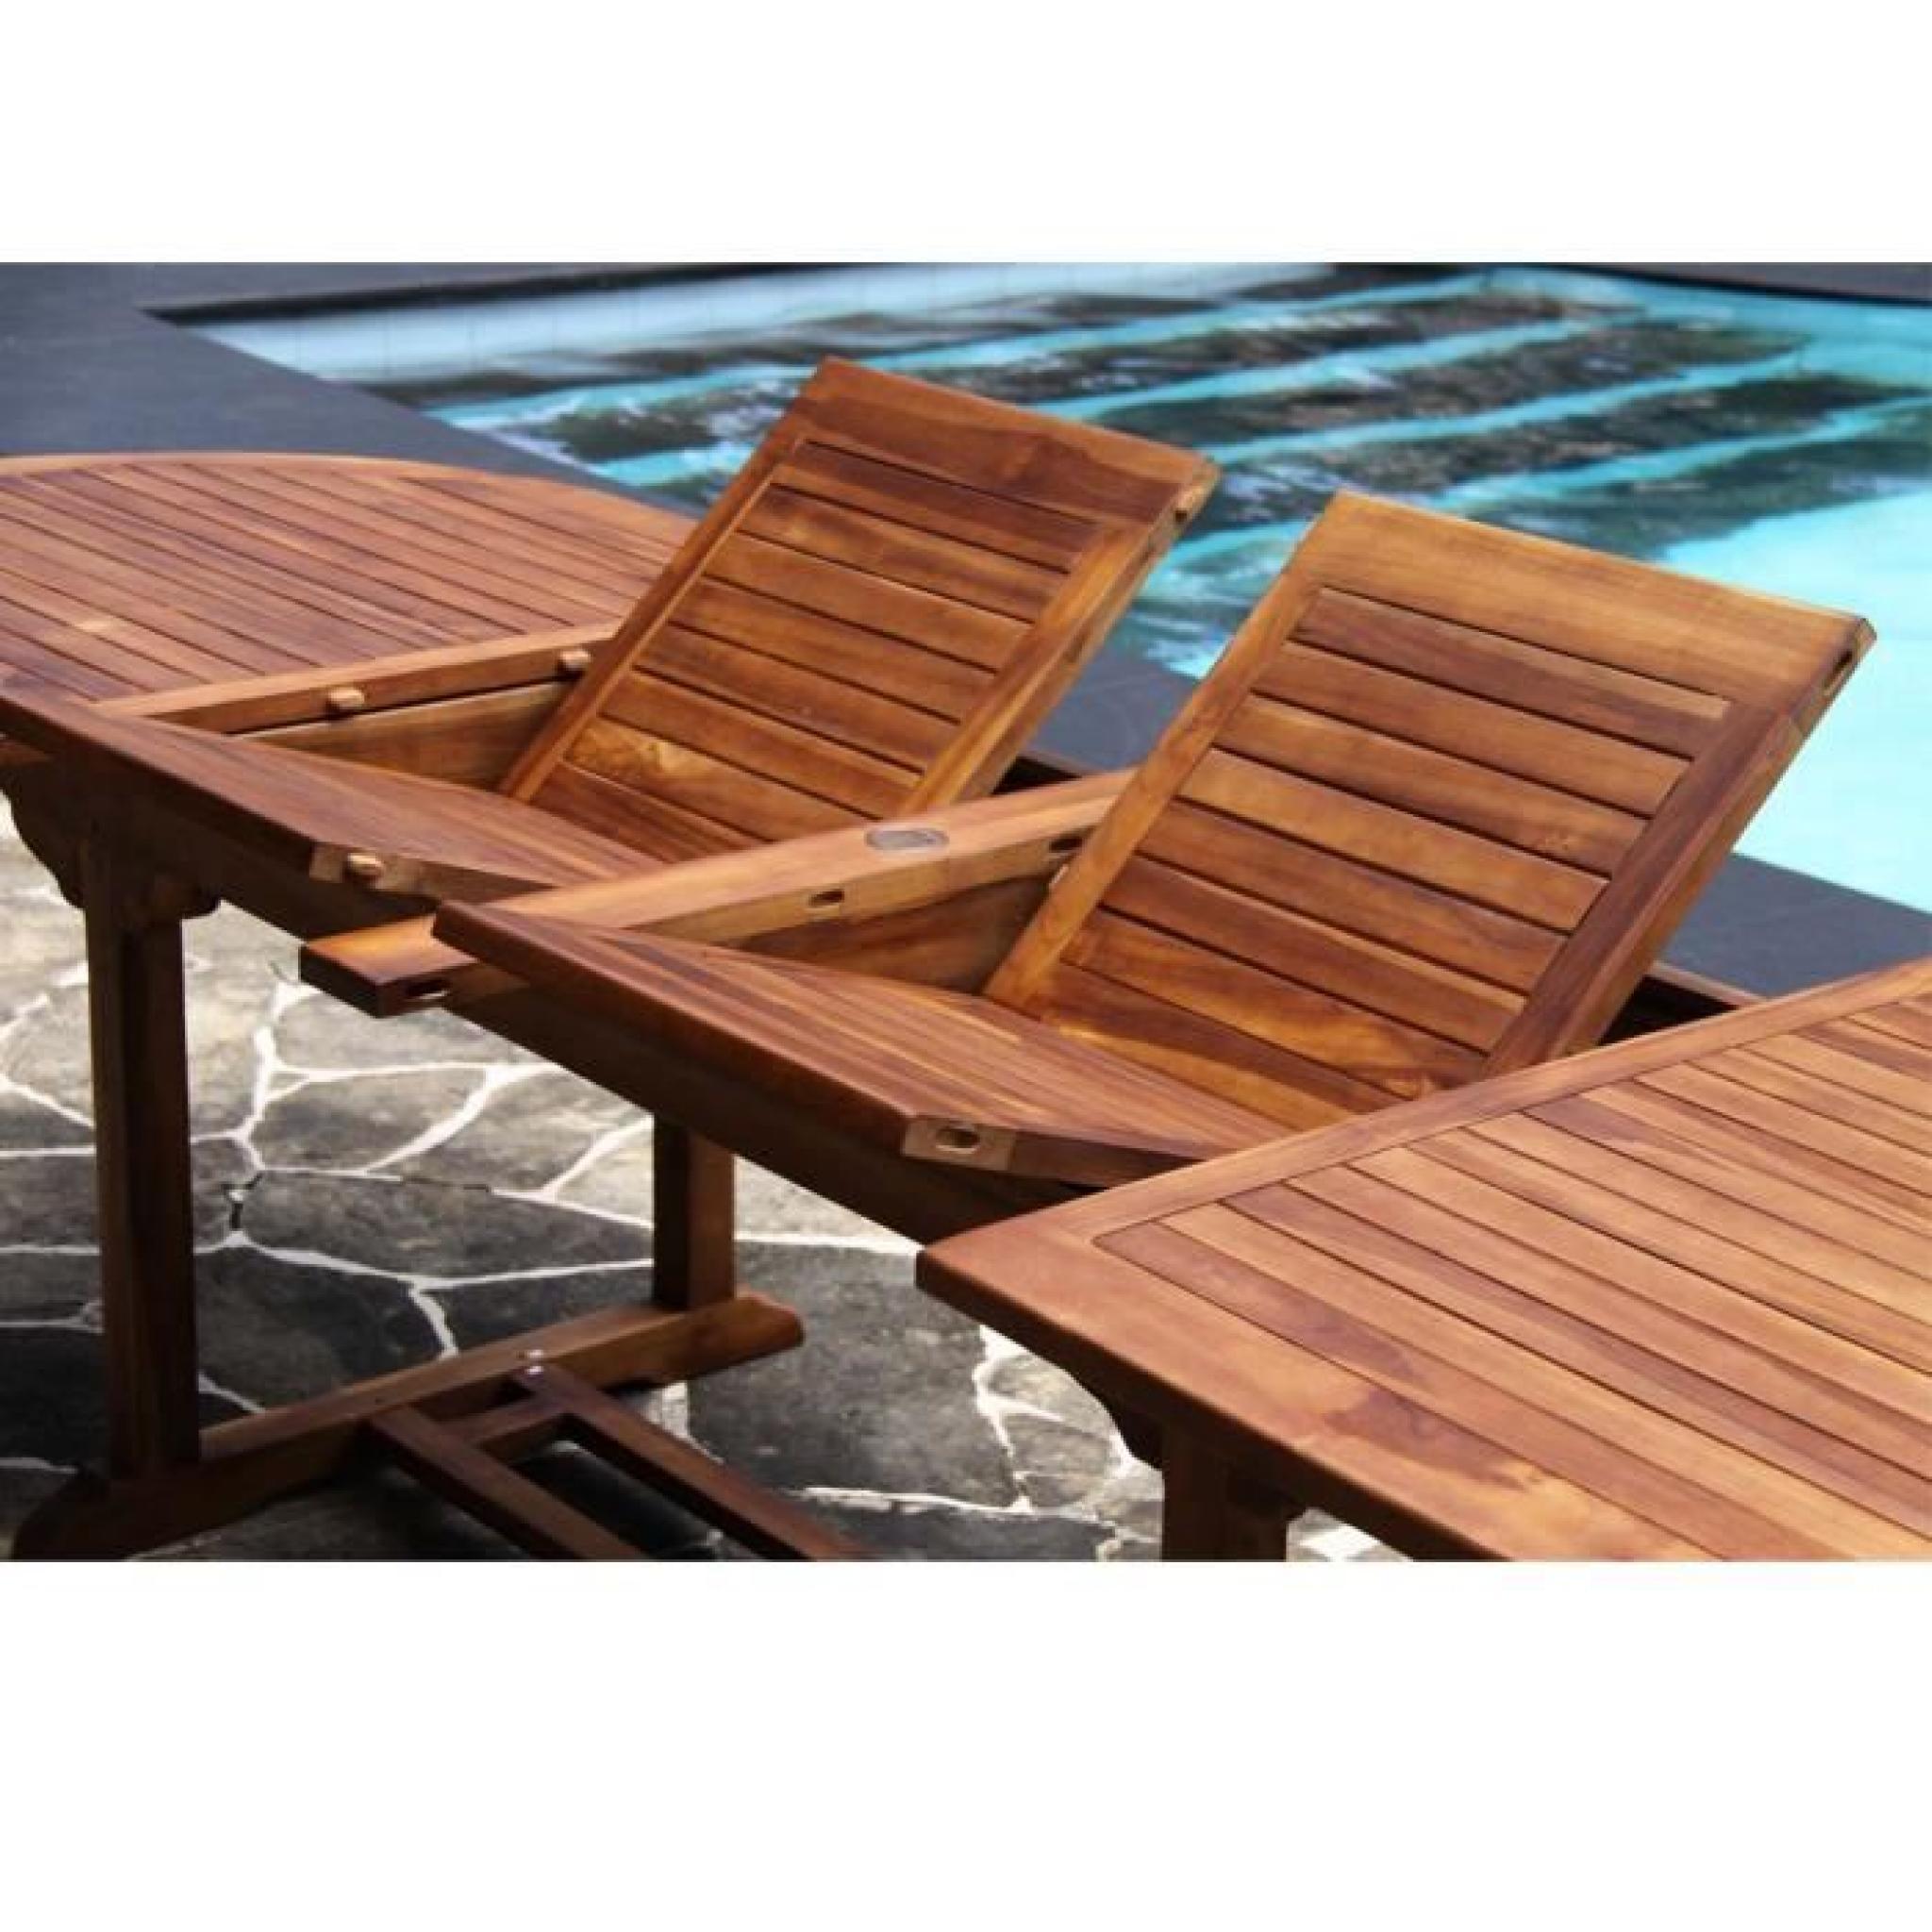 Salon de jardin teck huil 10 12 pers table larg 100cm 8 chaises 2 fauteuils achat vente salon - Salon jardin en teck pas cher ...